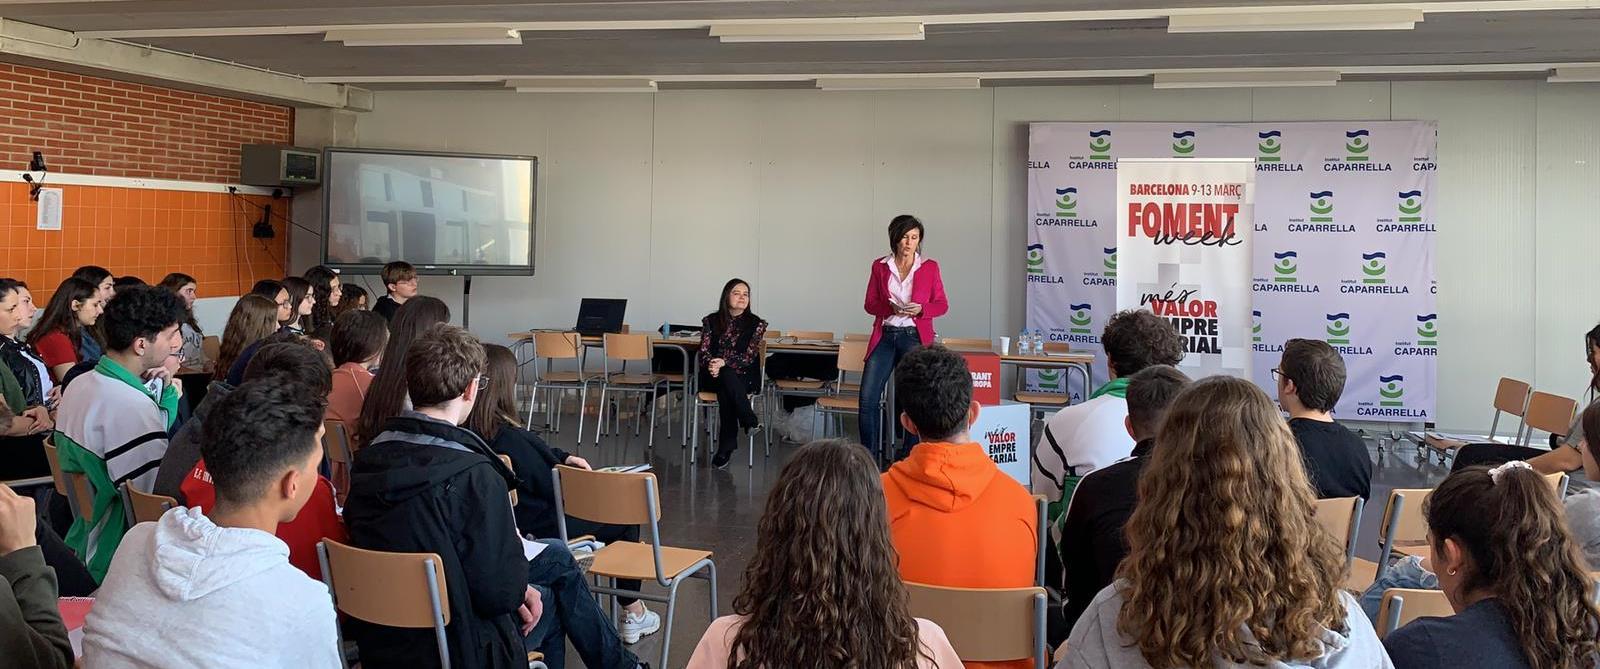 La Foment Week acosta l'experiència de dones directives a diversos instituts públics de Catalunya